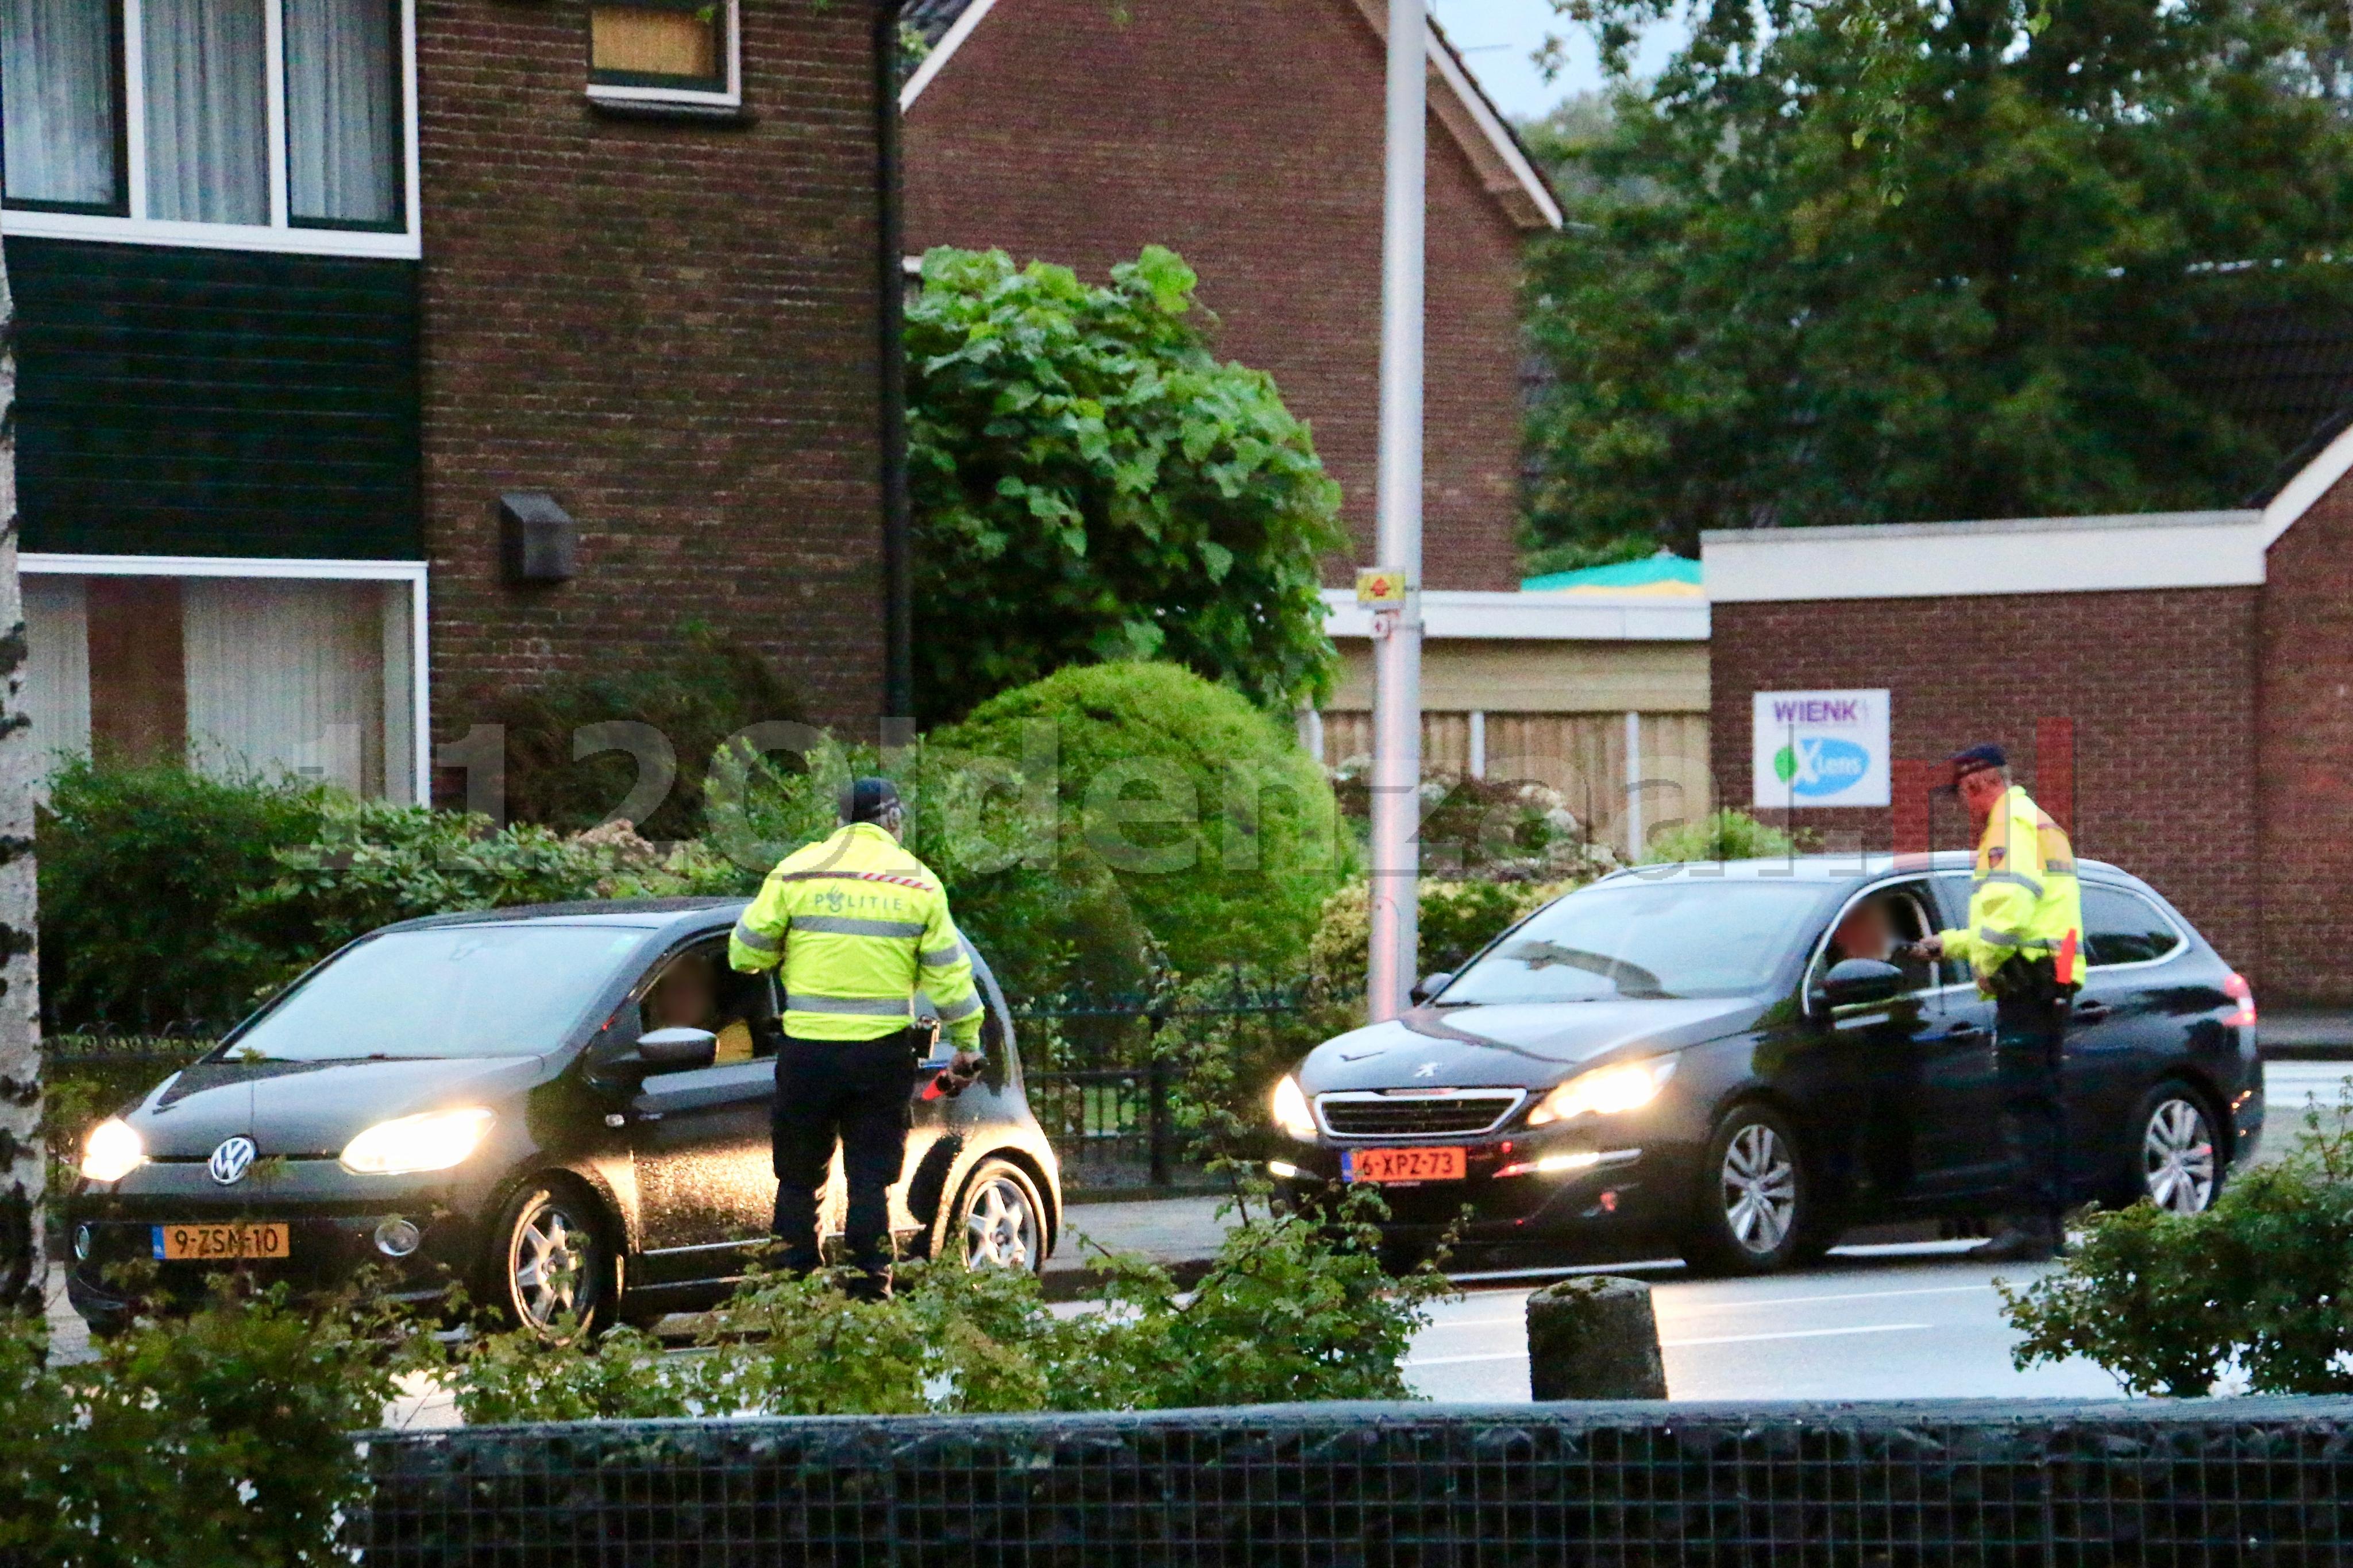 Boetes voor snelheid, alcohol en gebruik van telefoon bij controles in Enschede en Oldenzaal